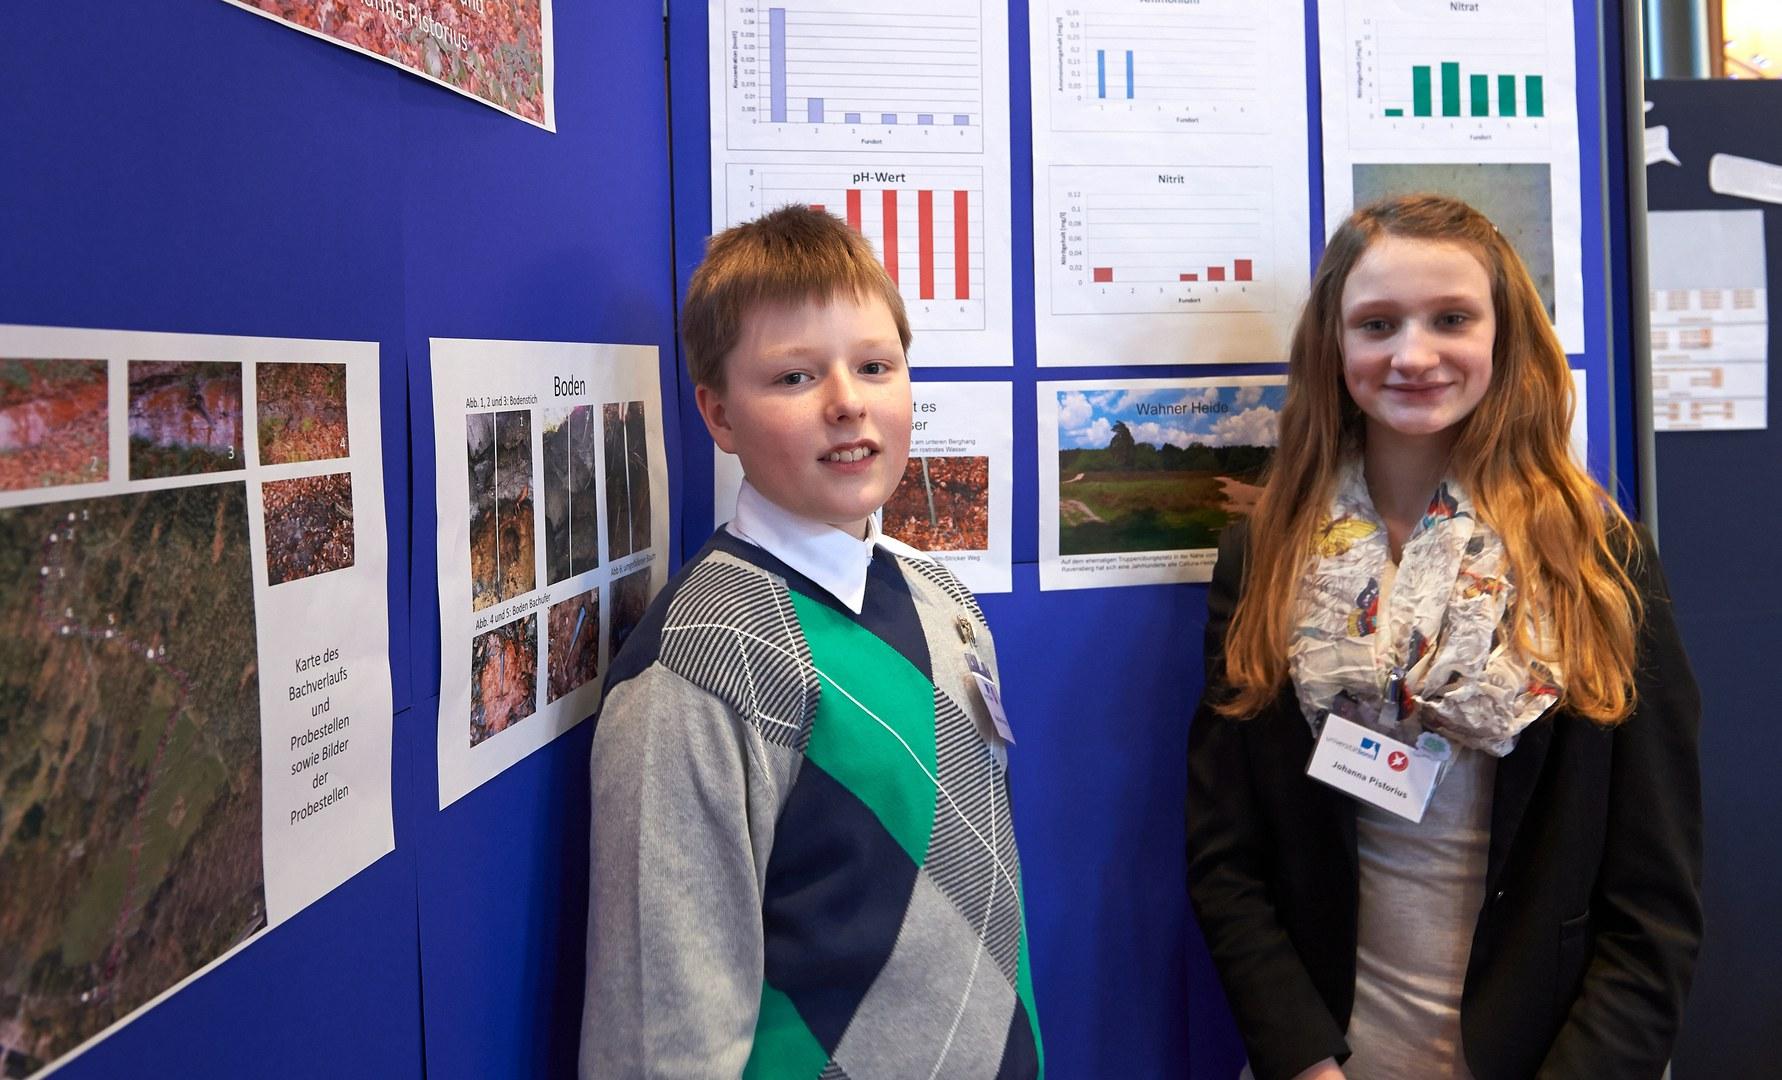 Sebastian Frentzen (14) und Johanna Pistorius (14)